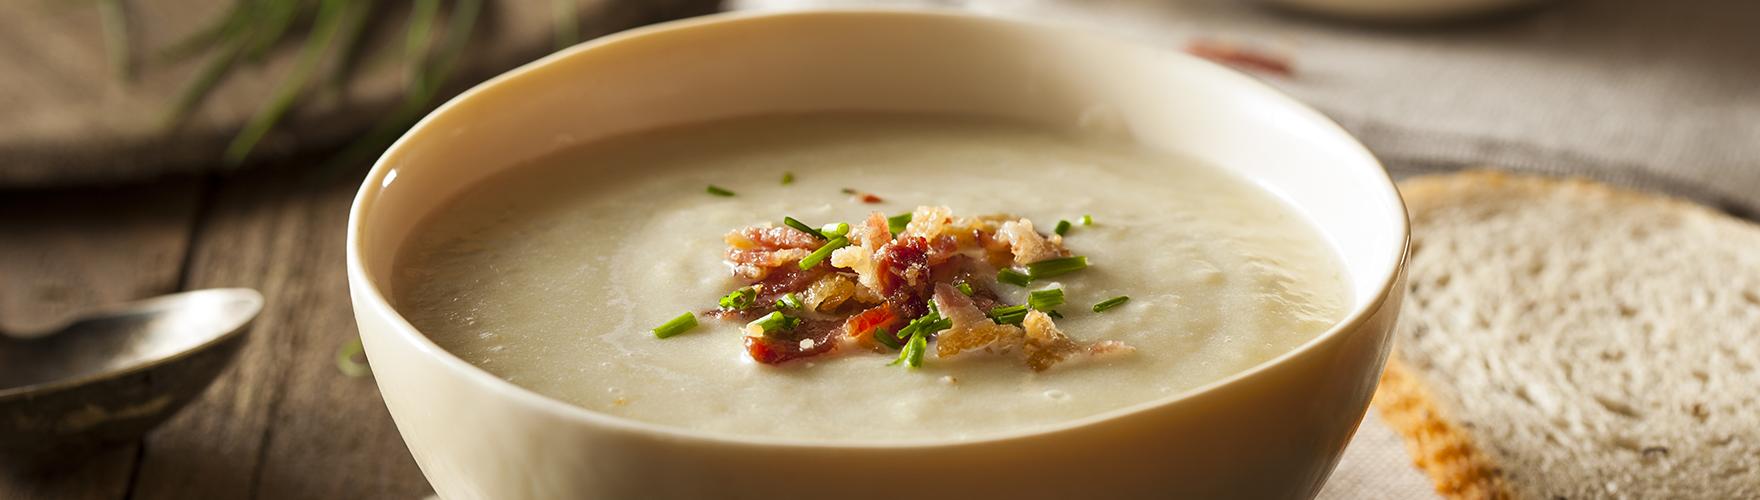 Žampionová polévka se sýrem ERU Maasdammer